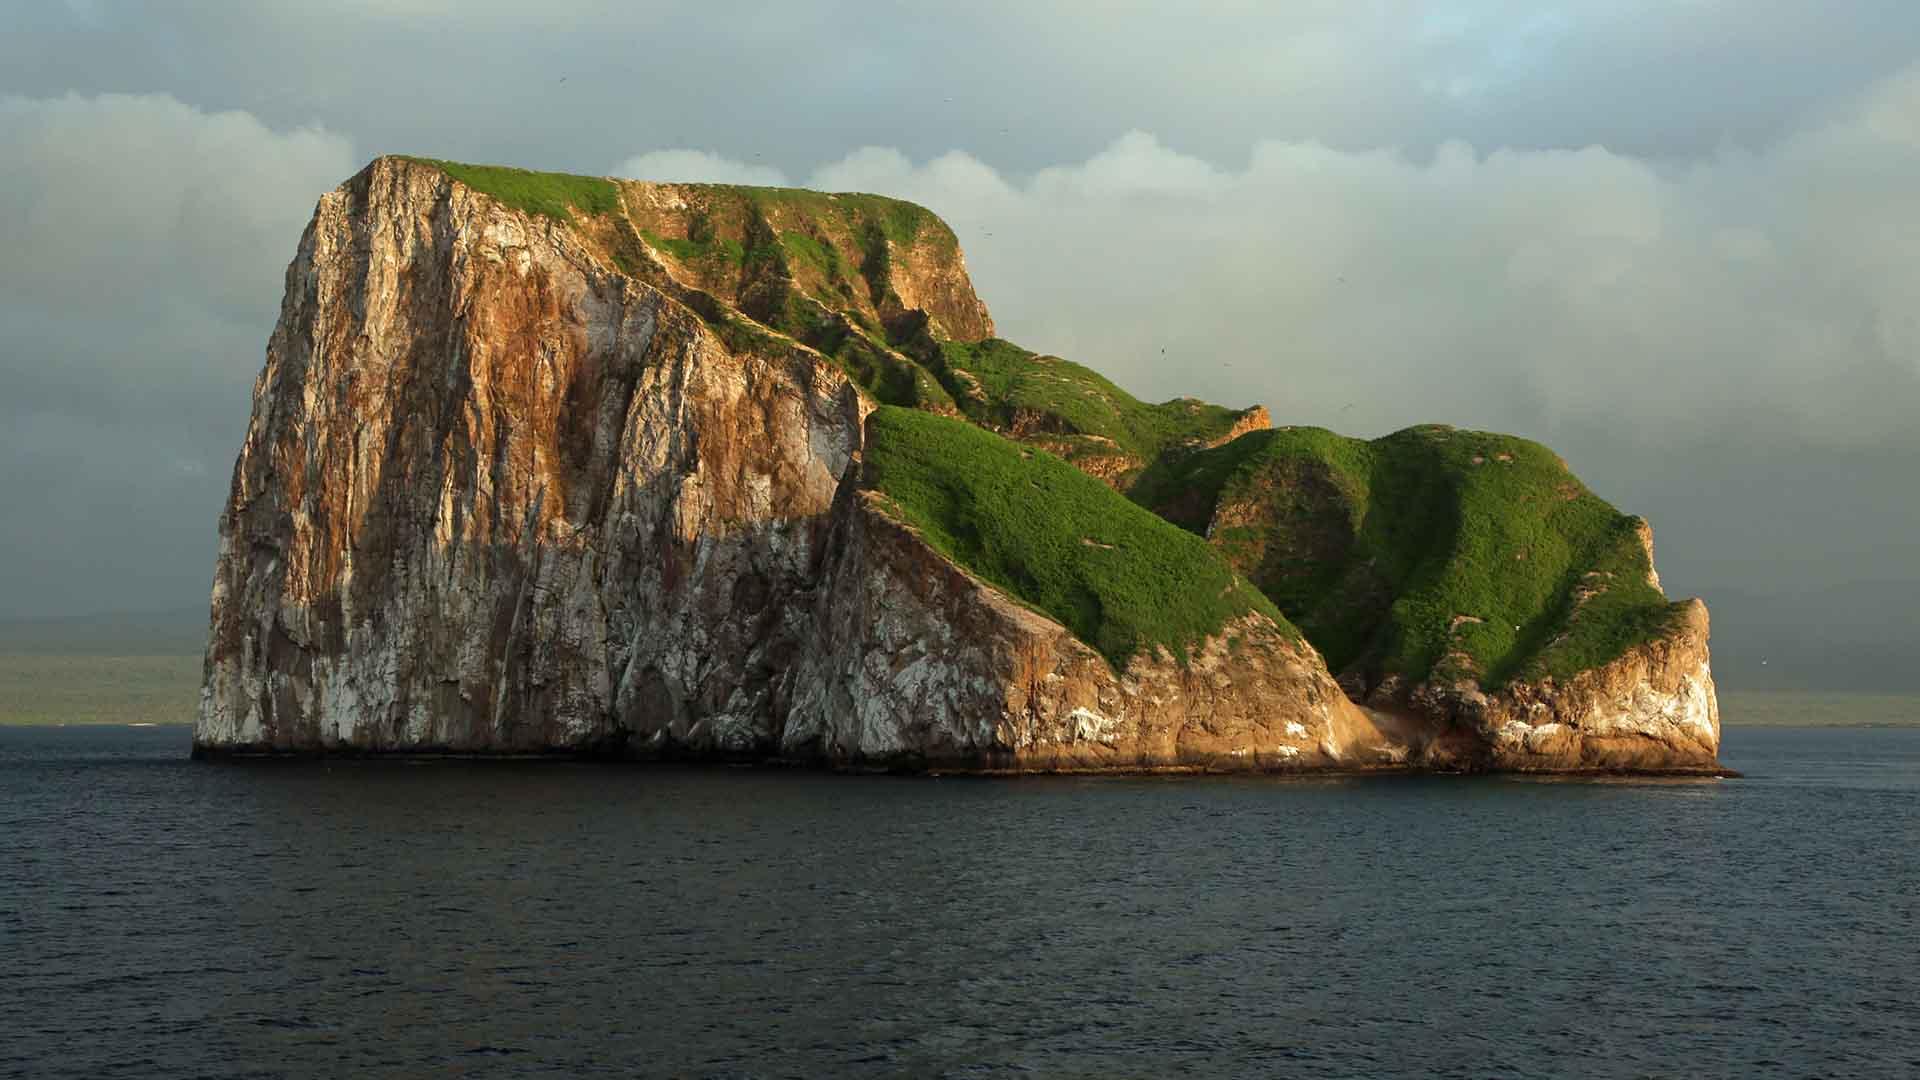 Hace entre 3 y 5 millones de años, una serie de erupciones volcánicas formaron el archipiélago de Galápagos, una cadena de 19 islas y docenas de islotes